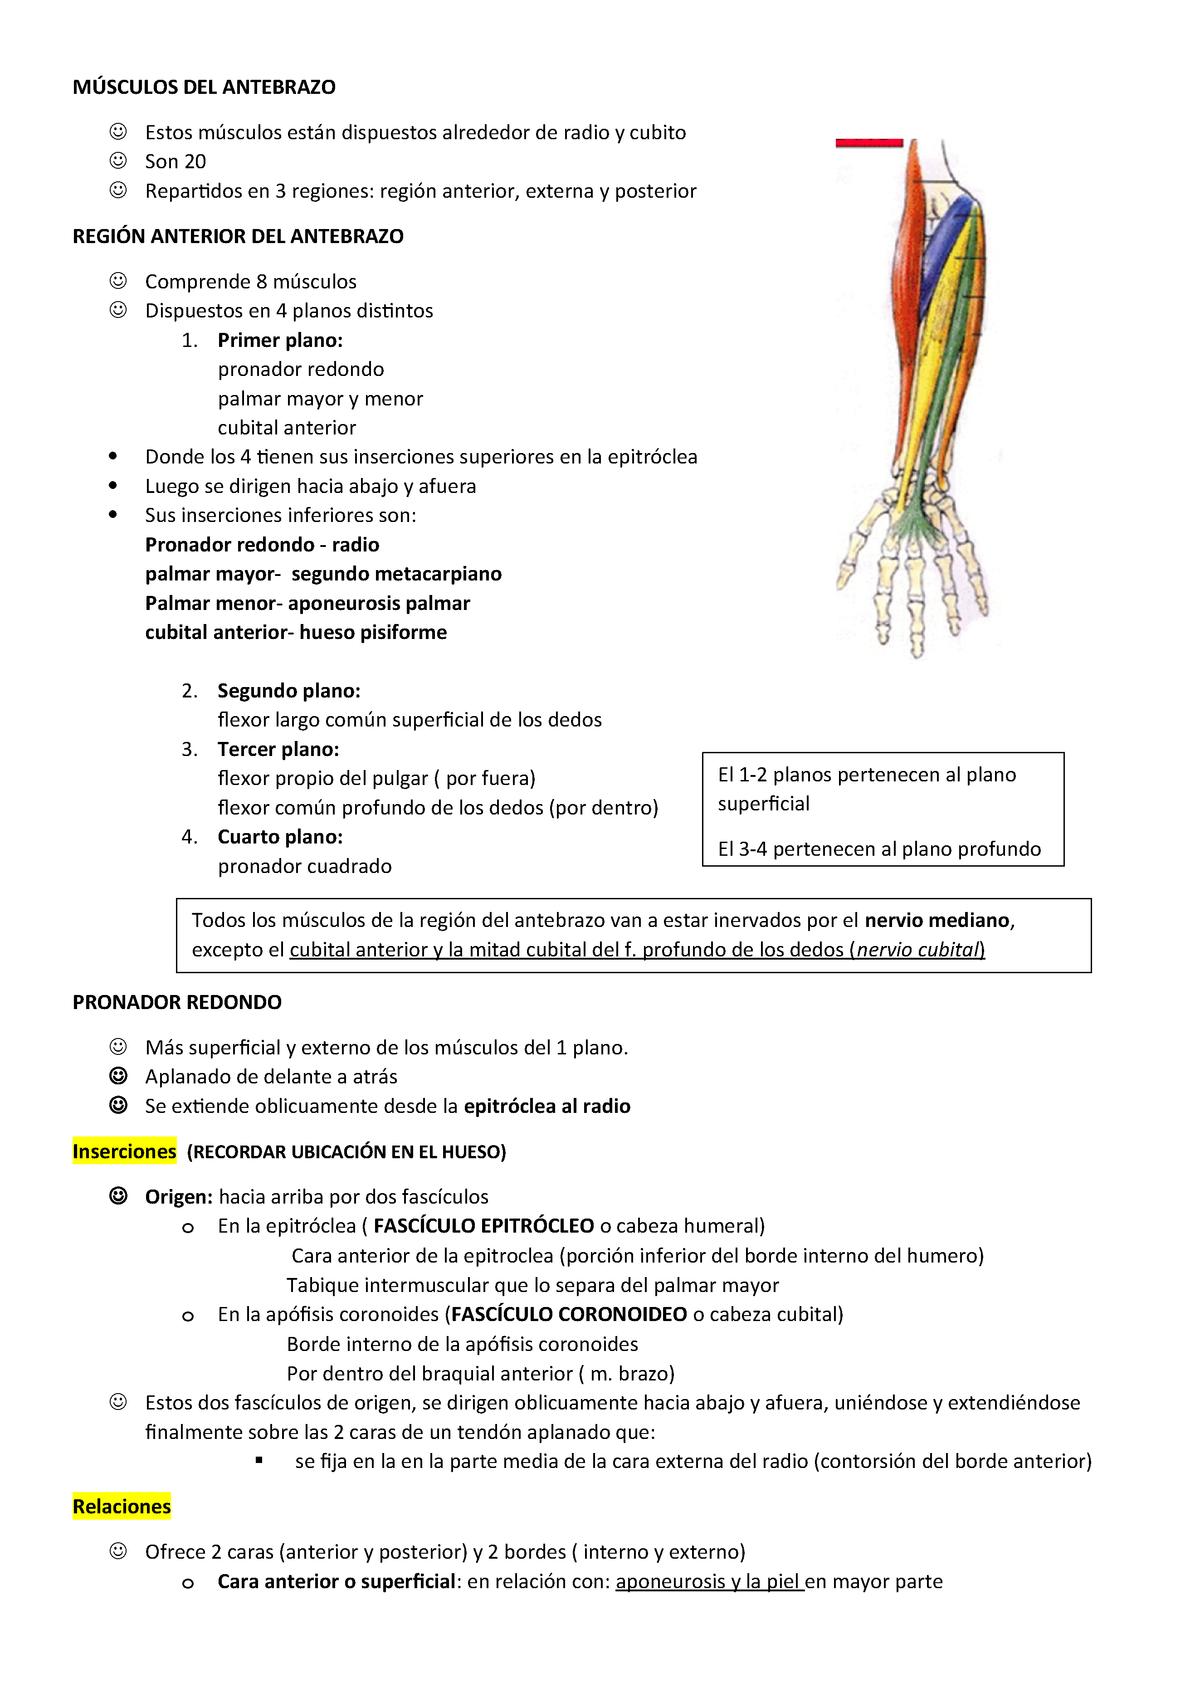 Músculos Del Antebrazo Anatomia I Studocu